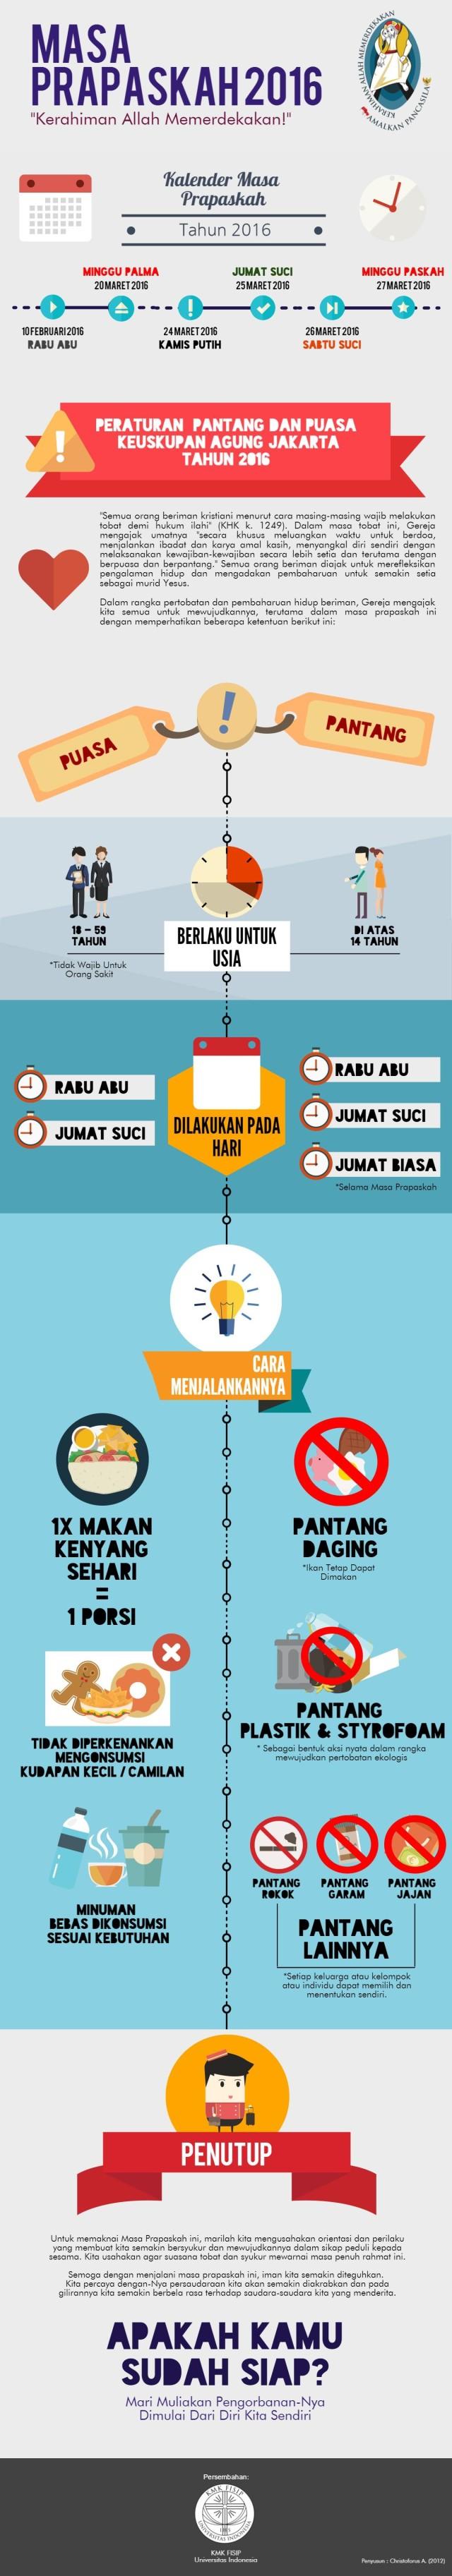 infografis-prapaskah-kmk-fisip-2016